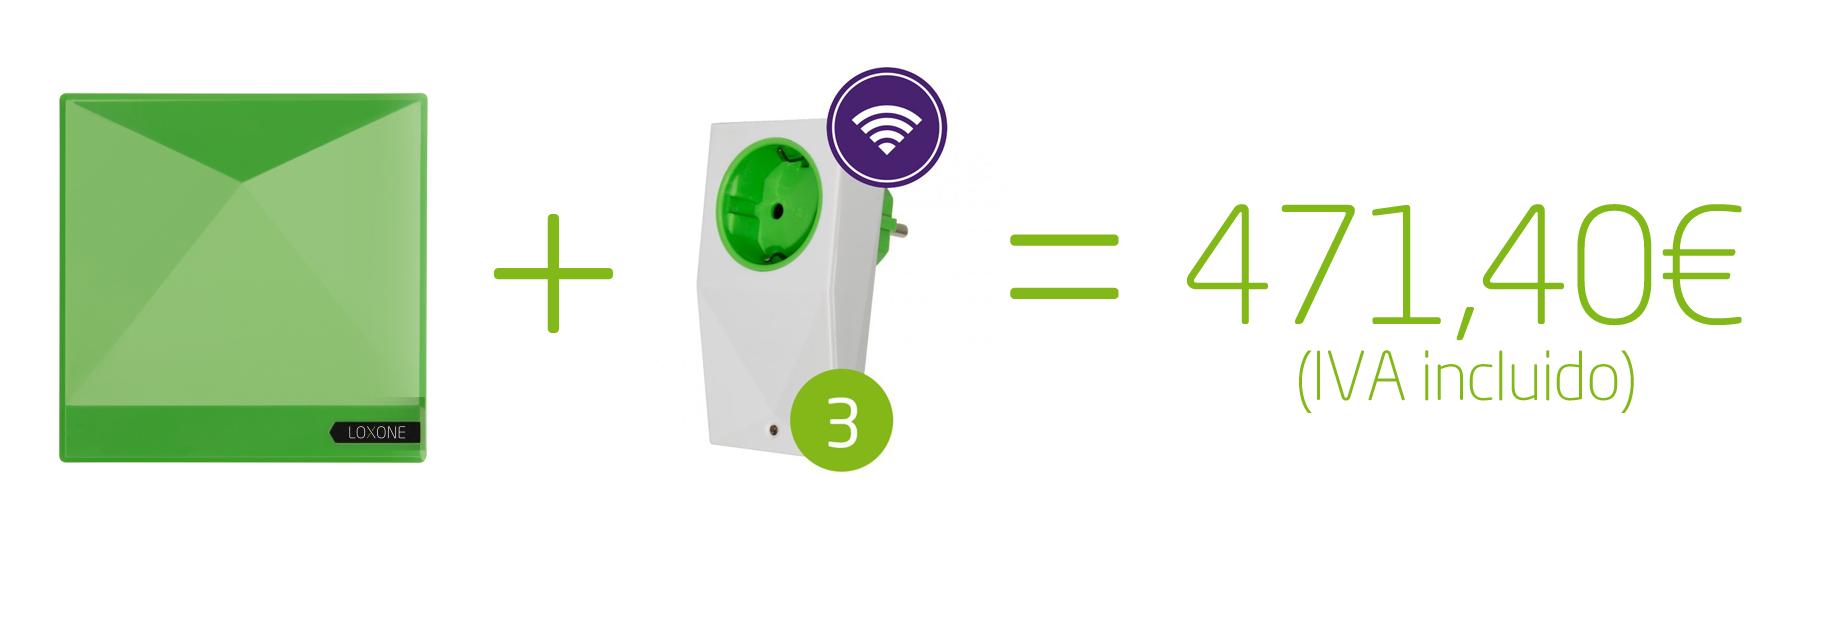 miniserver 3smart sockets